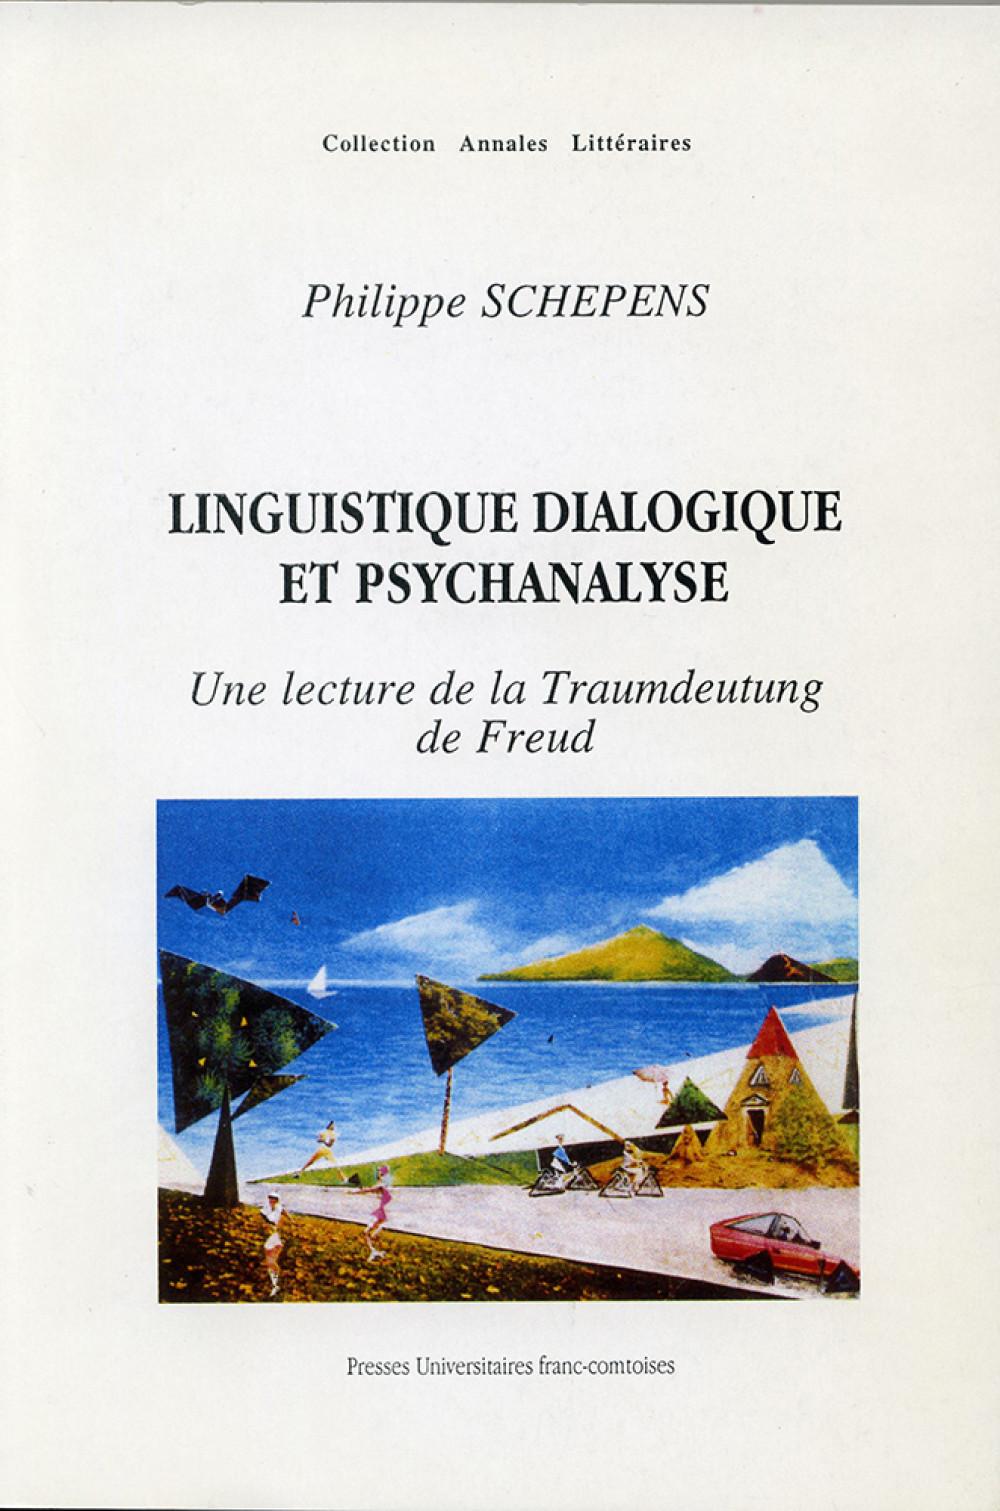 Linguistique dialogique et psychanalyse